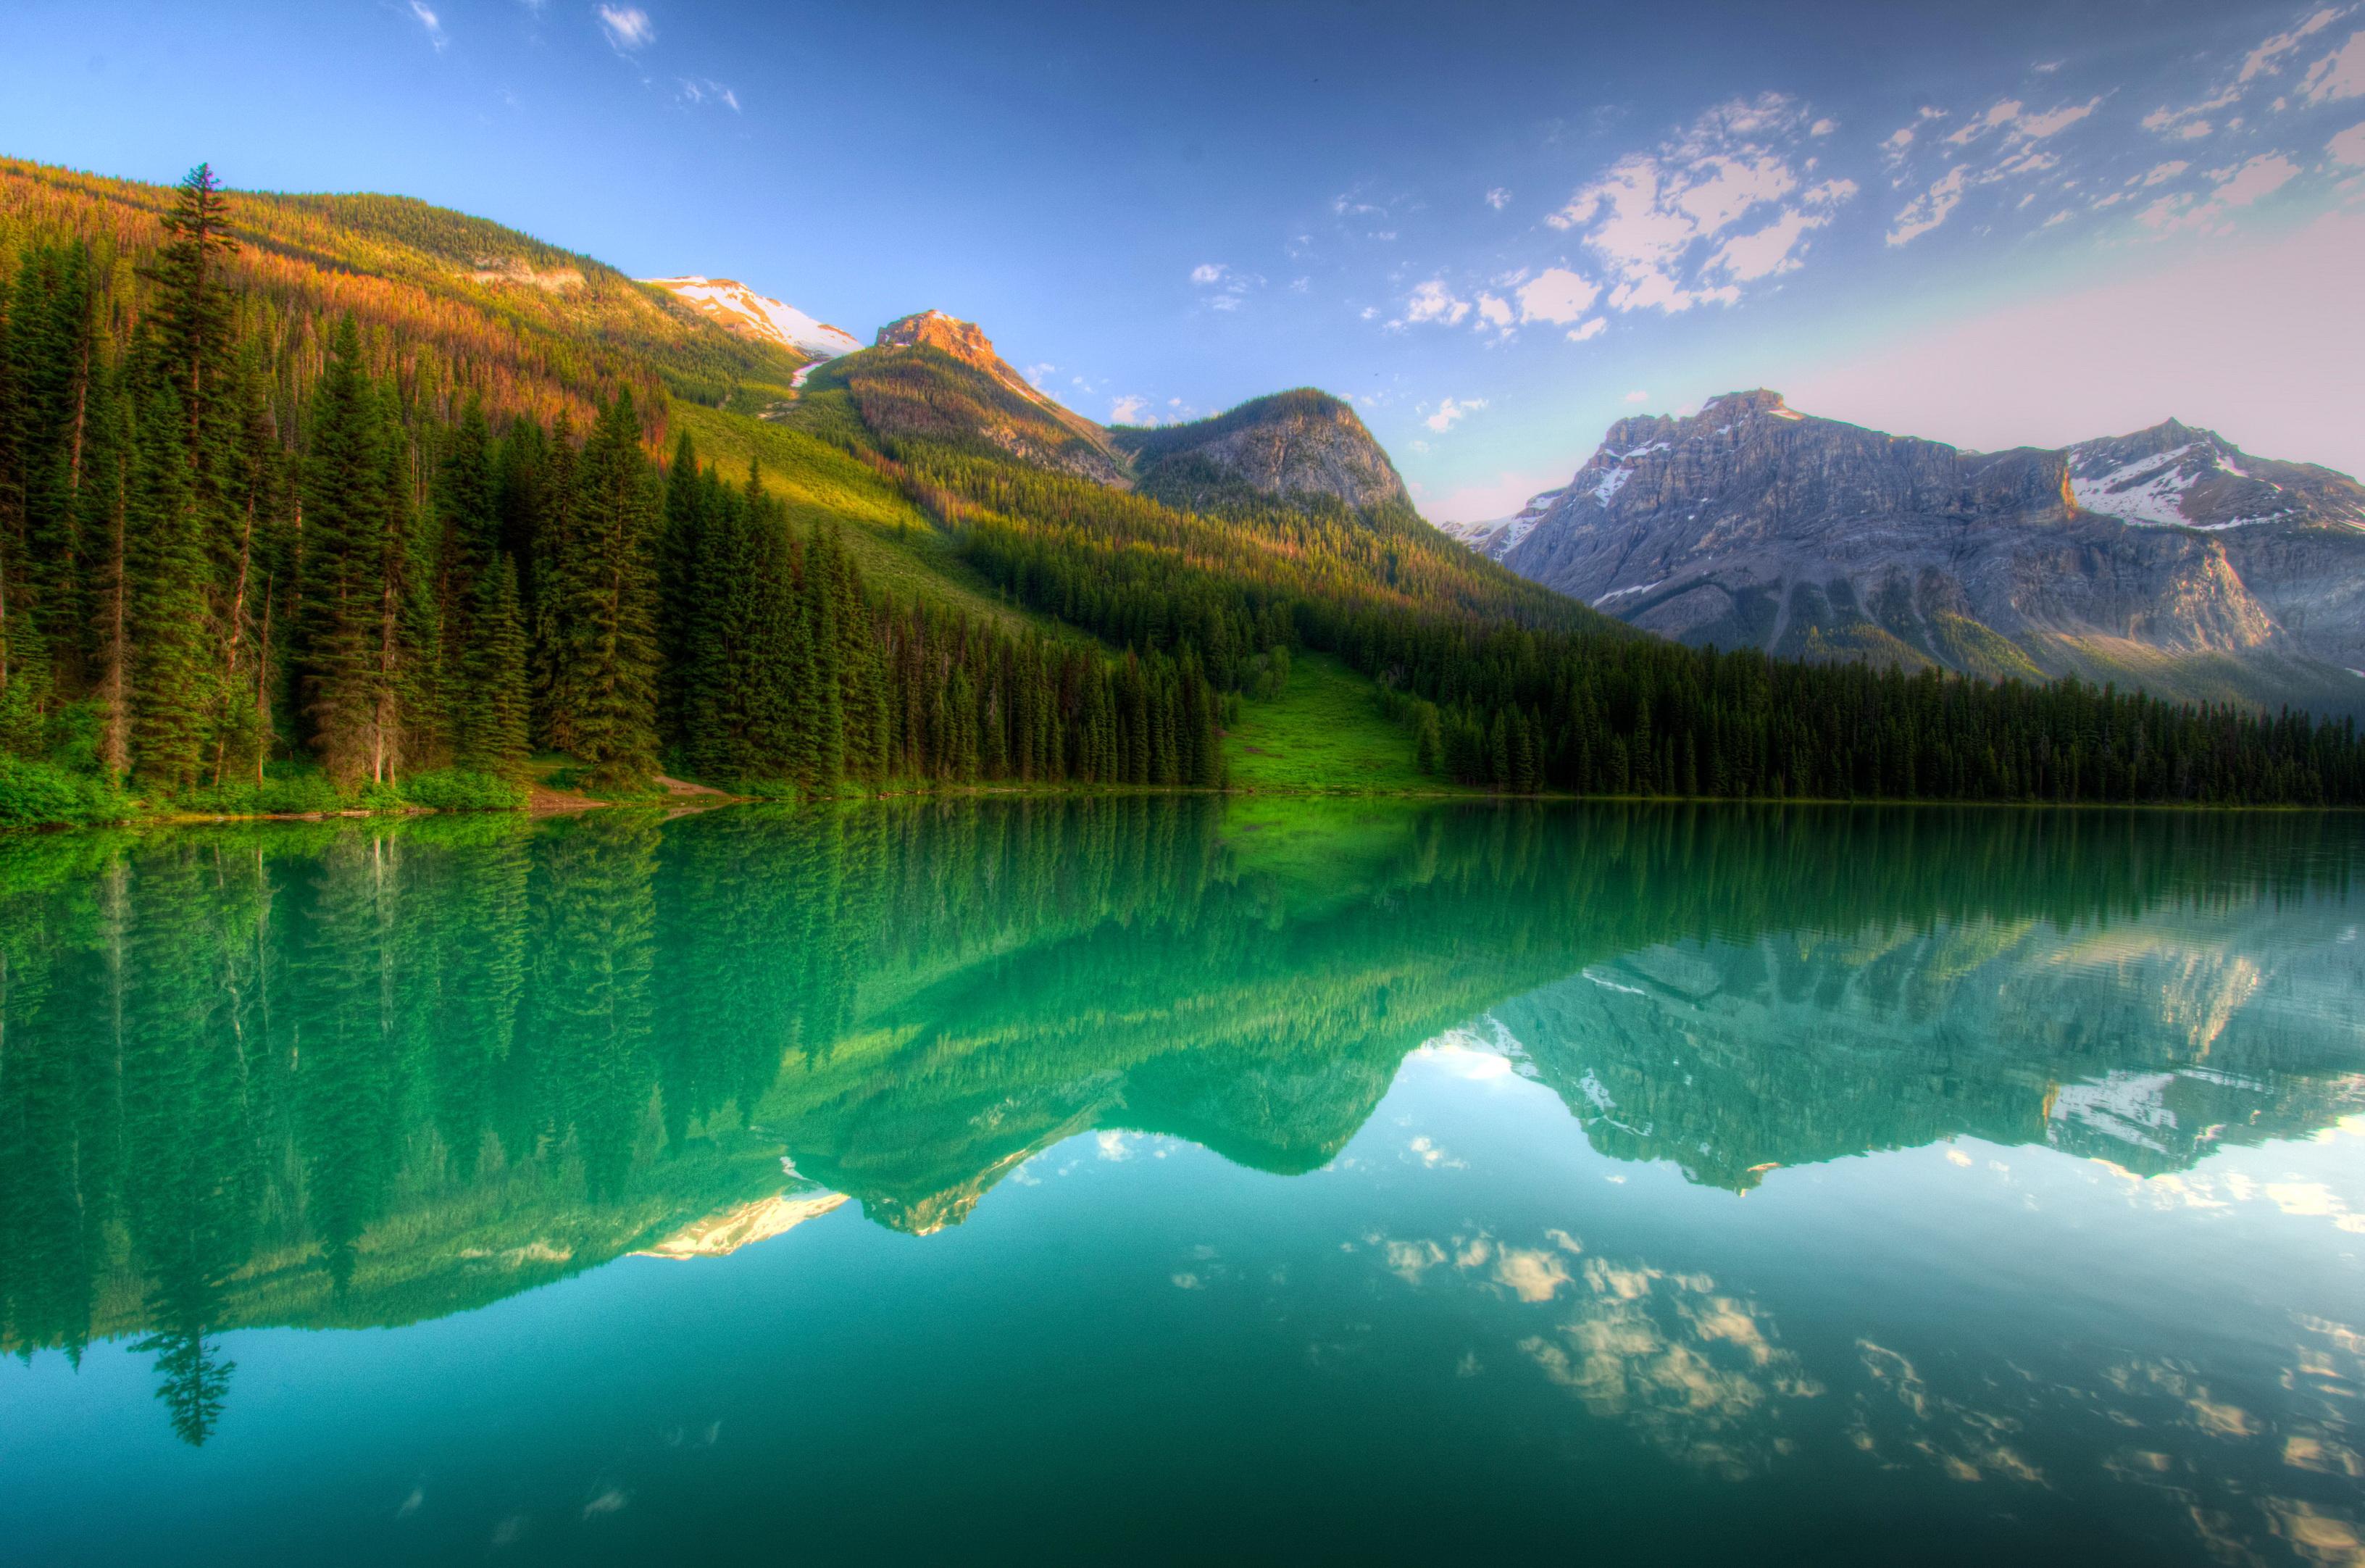 природа озеро горы скалы деревья отражение скачать